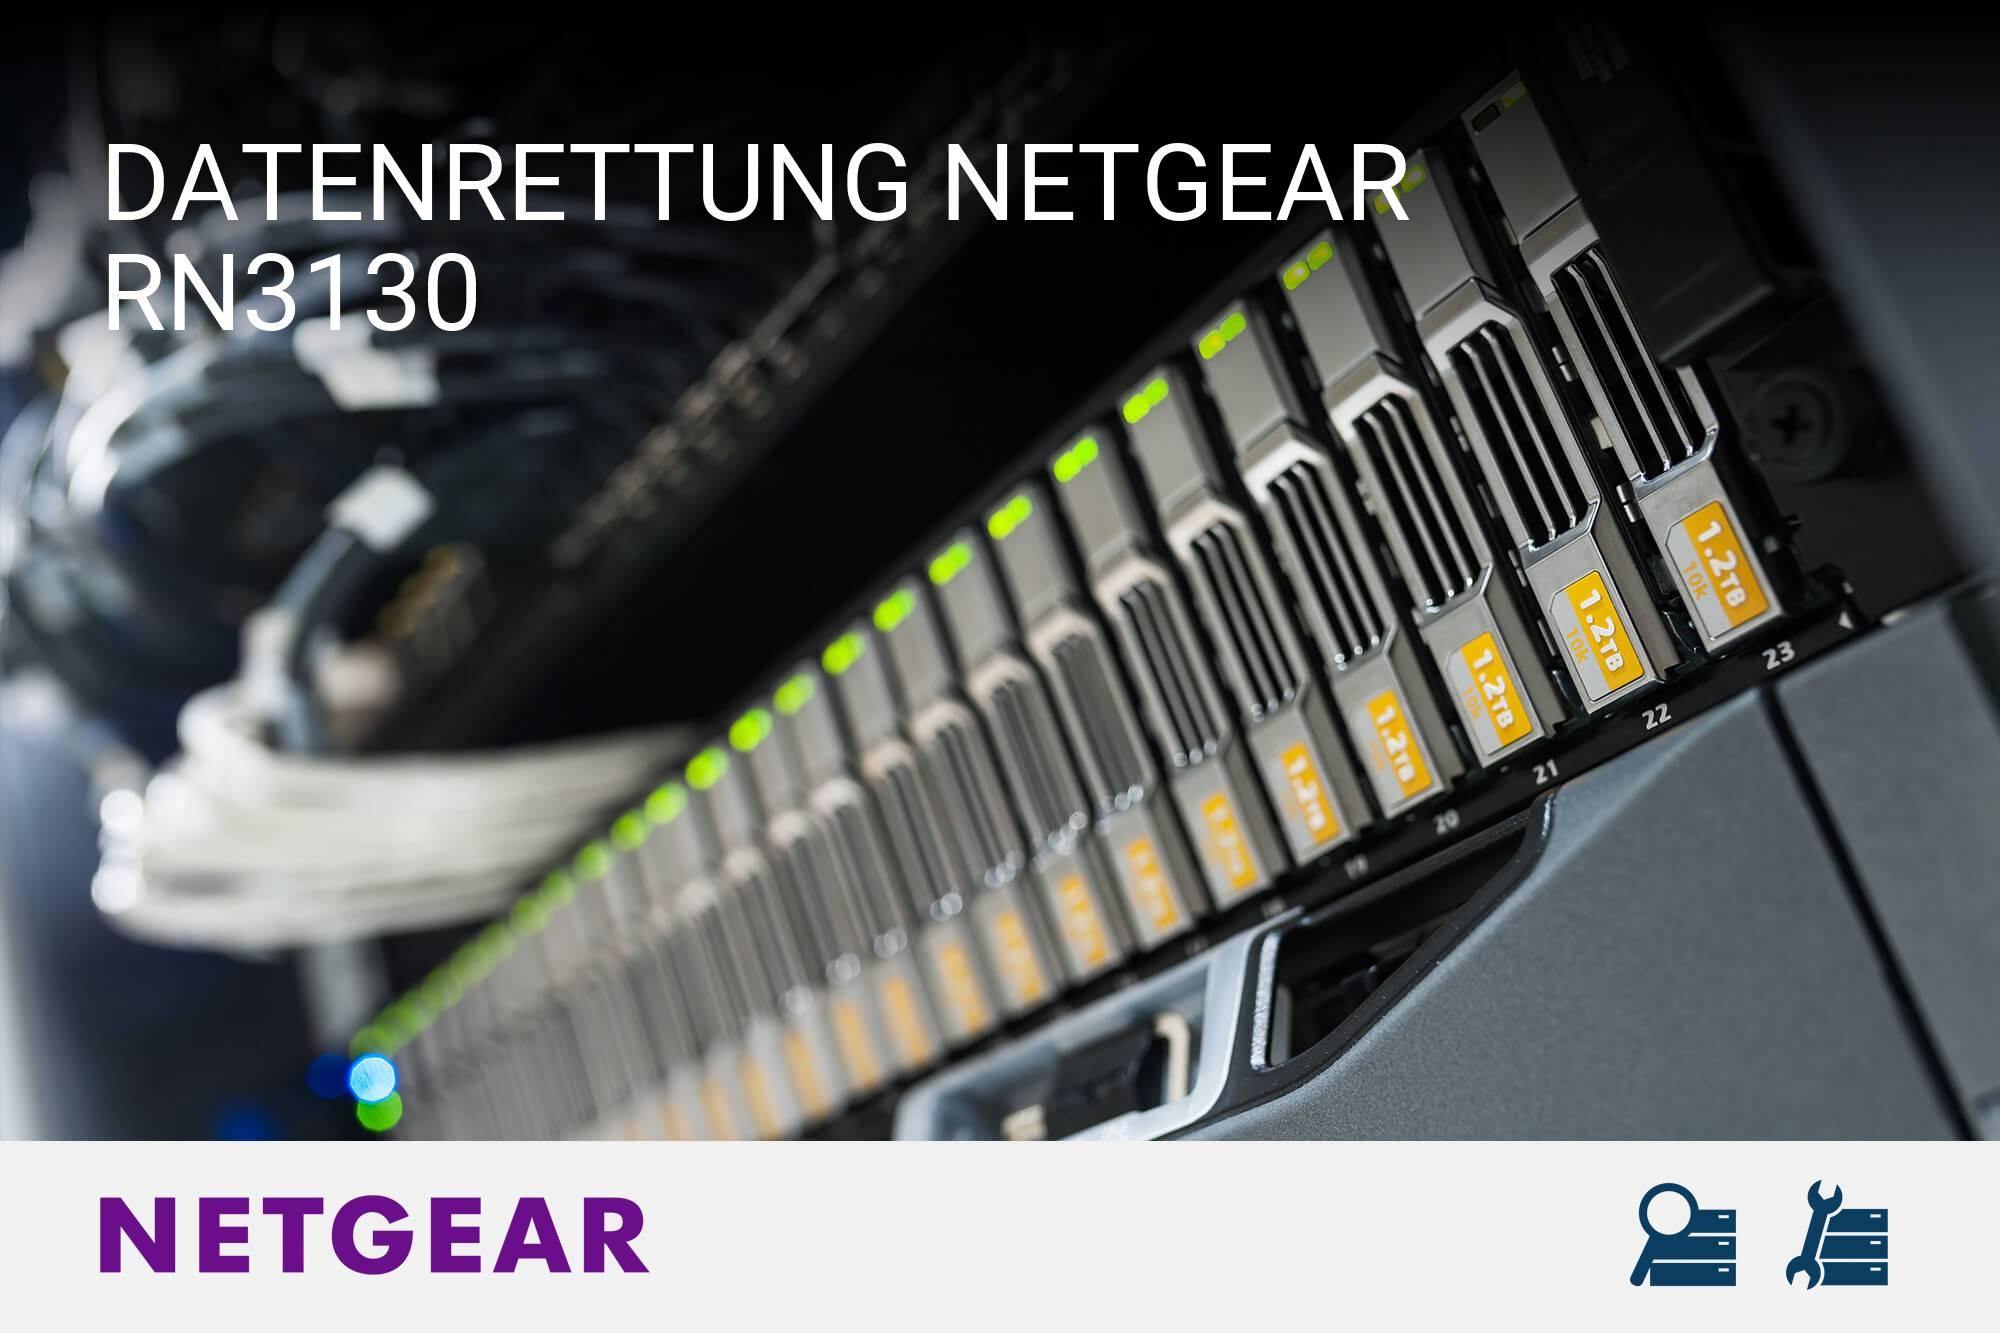 Netgear RN3130